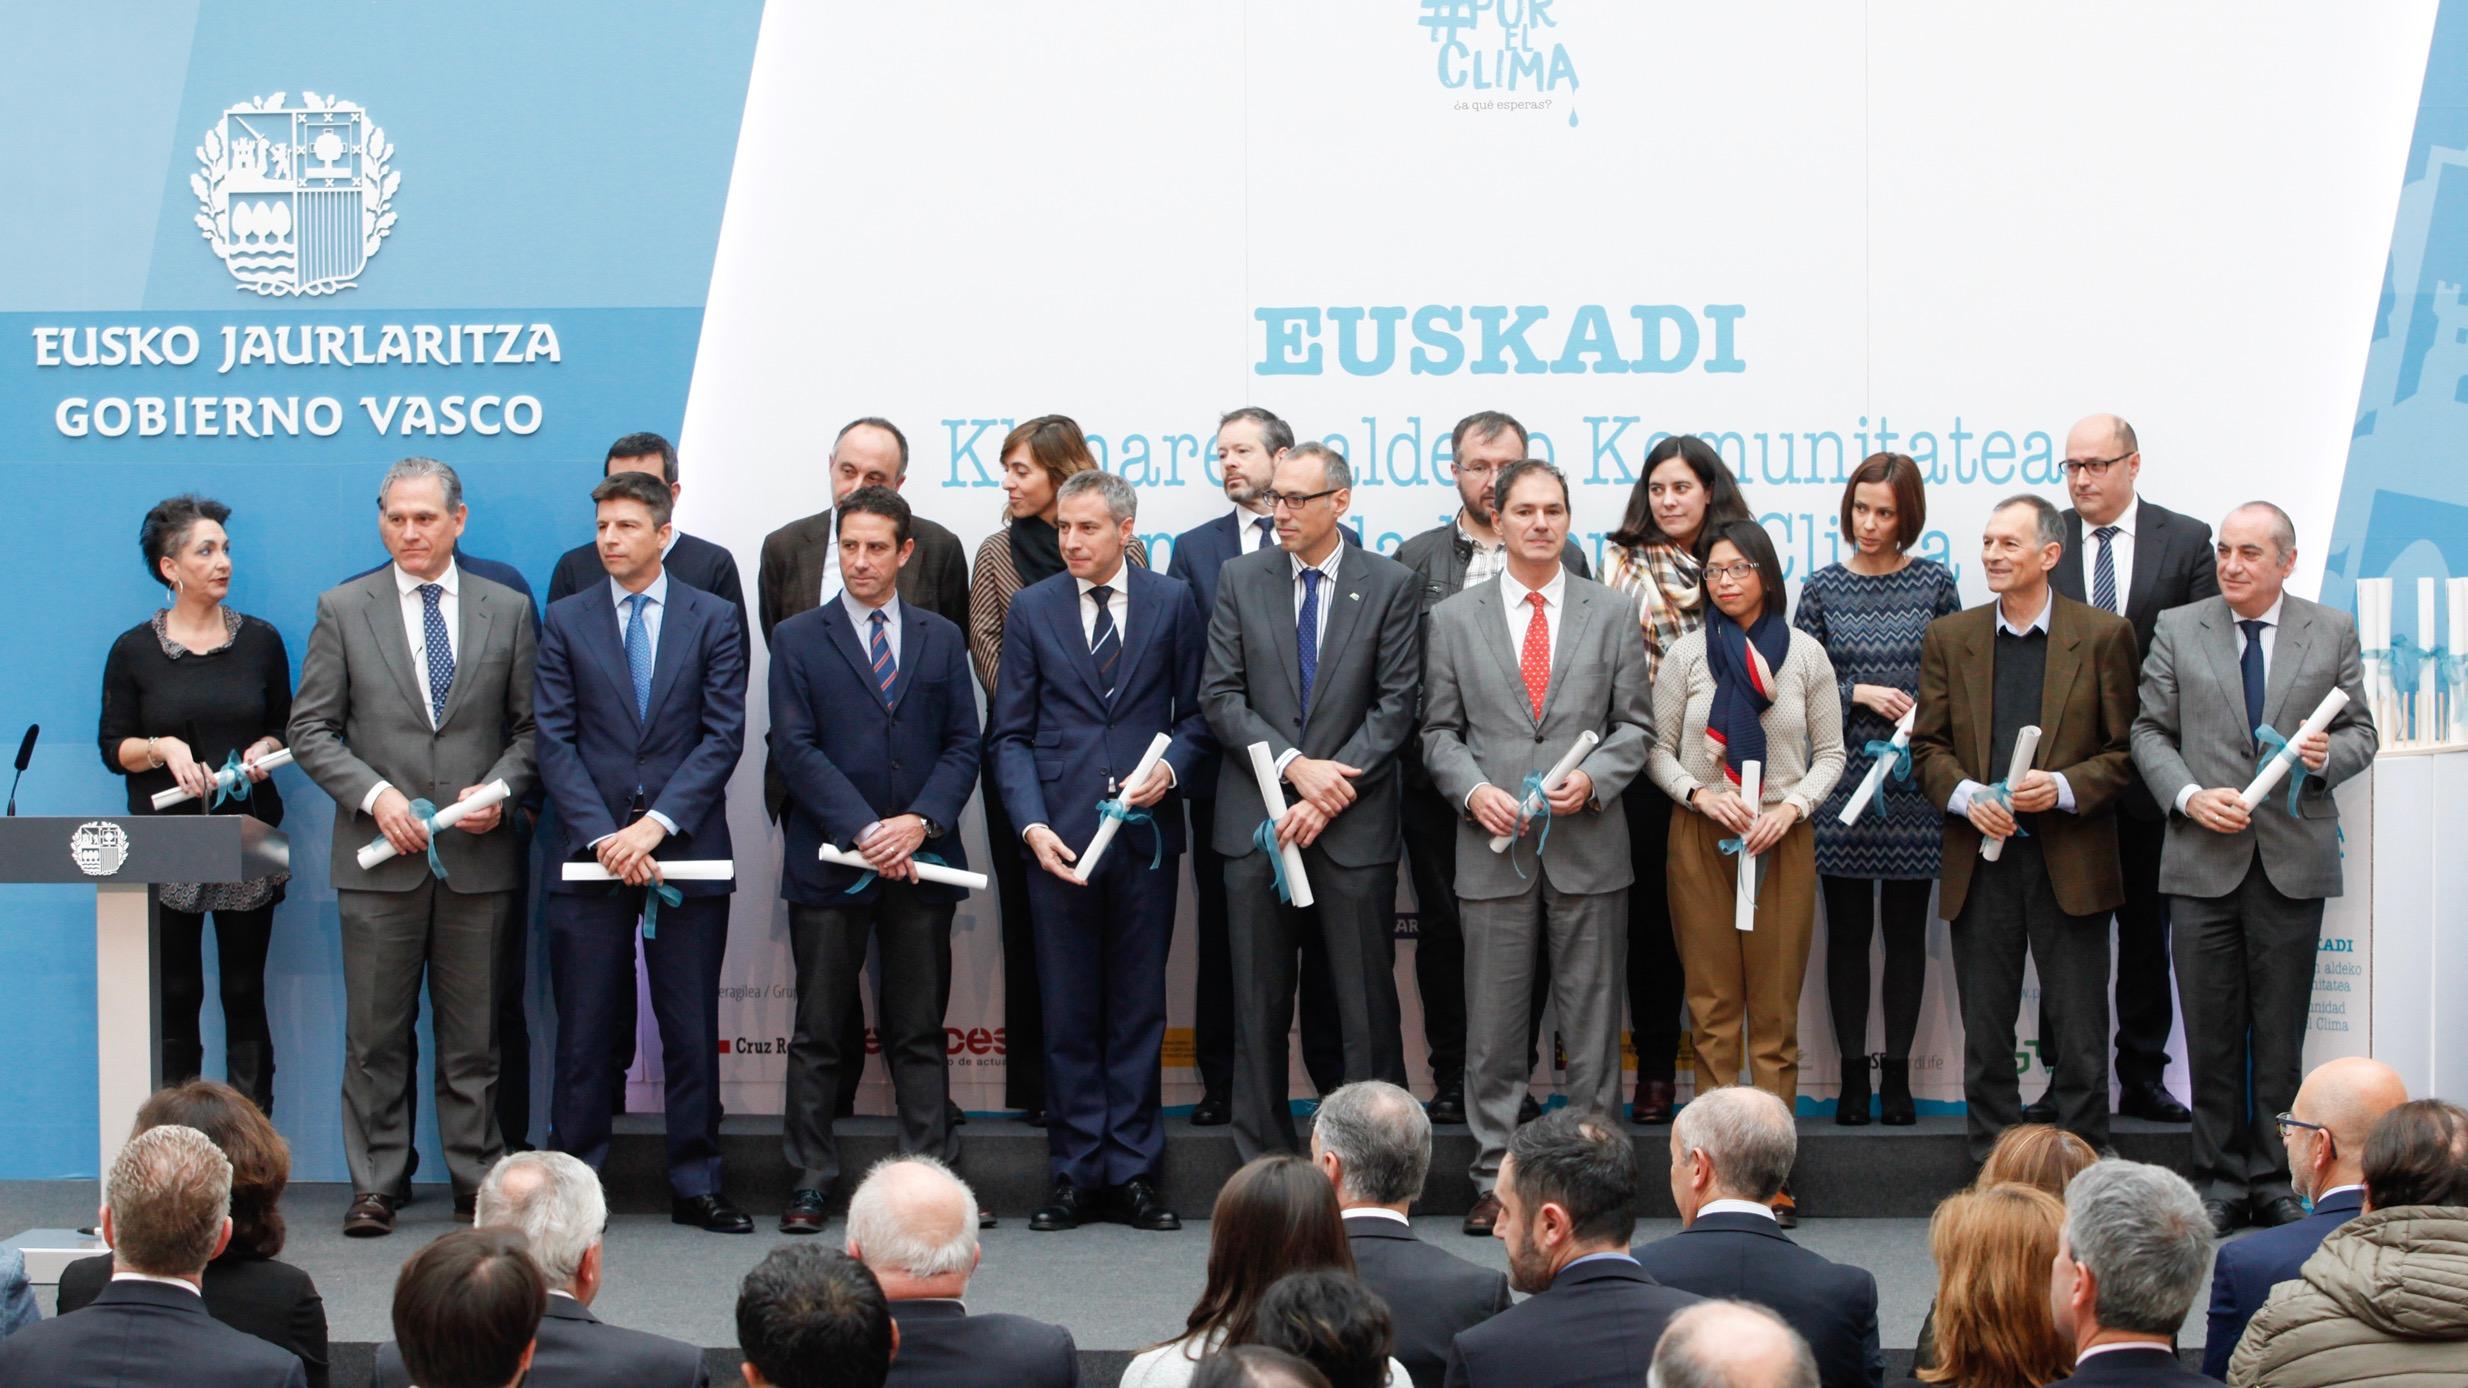 perfil de eusko jaurlaritza gobierno vasco en la